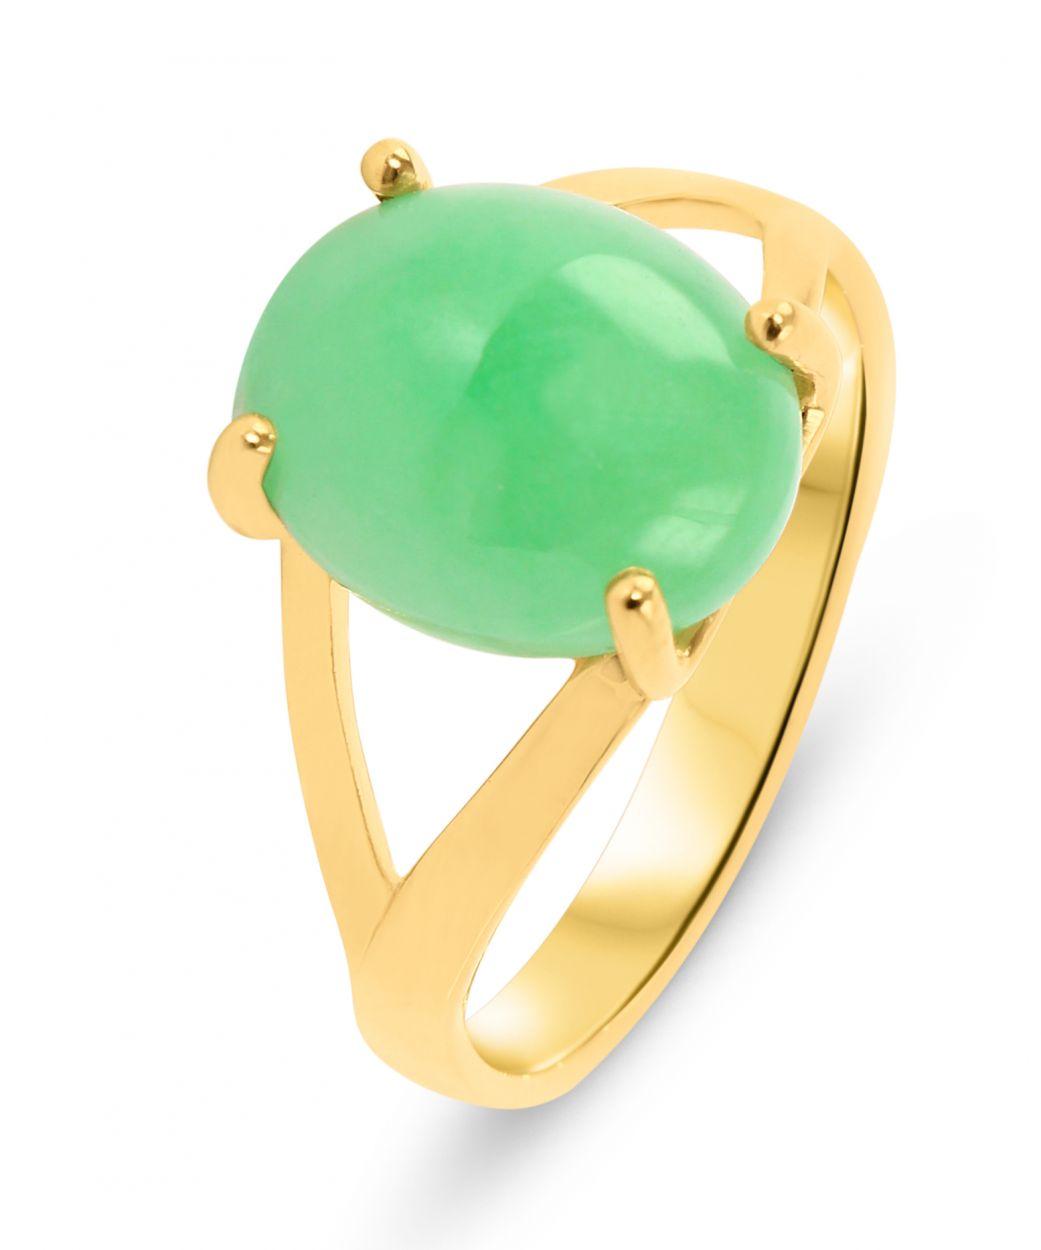 bague femme or et jade